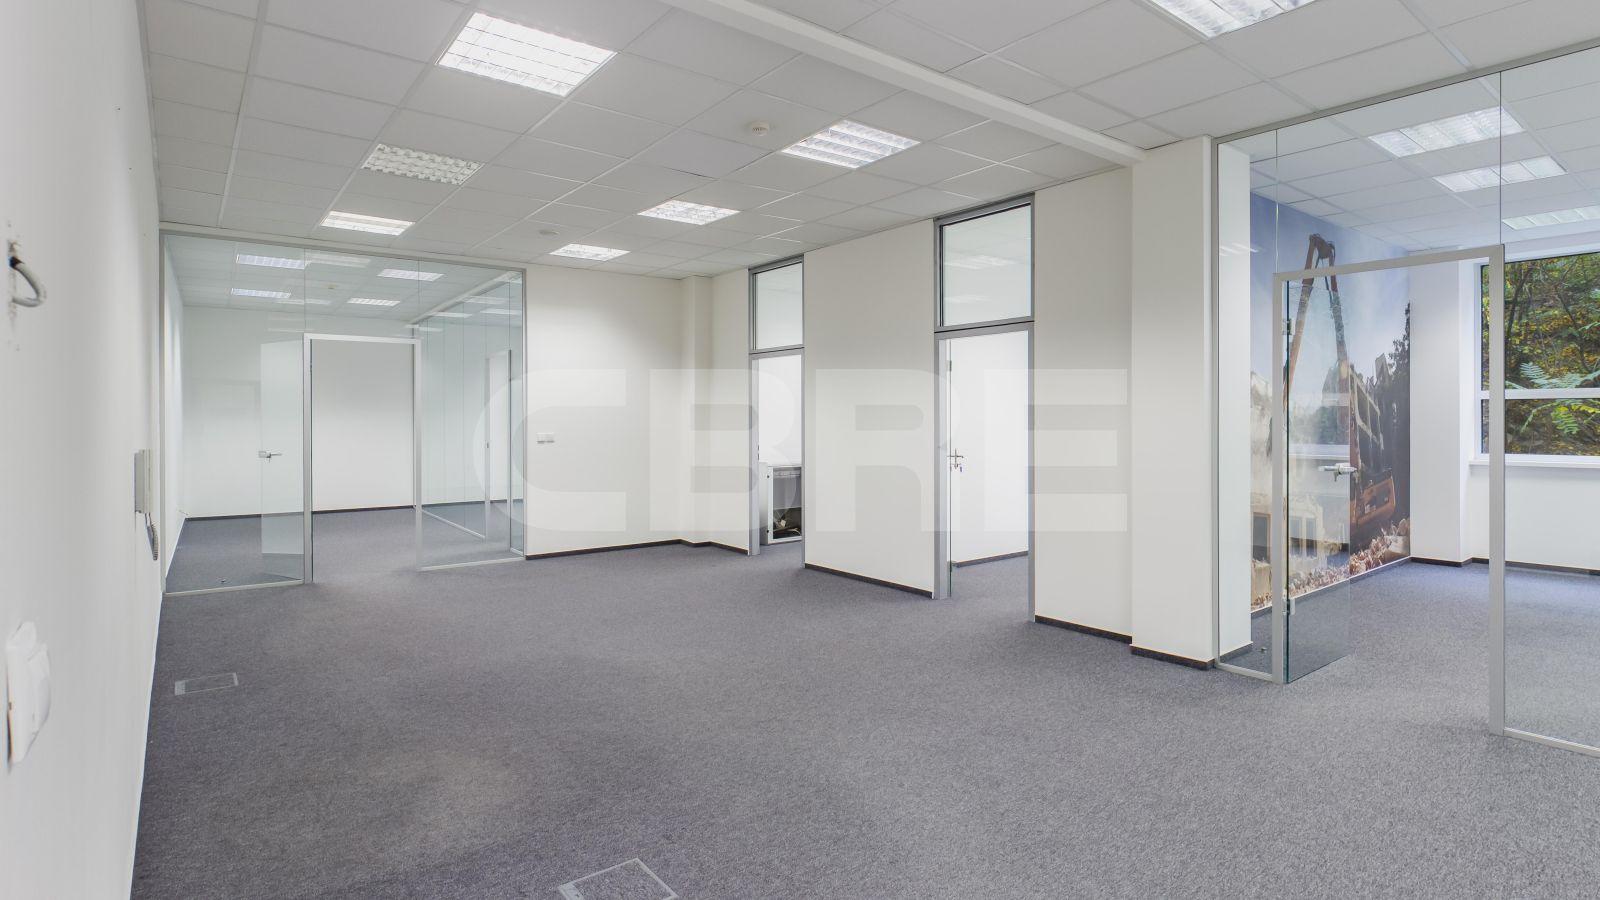 Slávičie údolie 106, Bratislava - Staré Mesto | Offices for rent by CBRE | 8